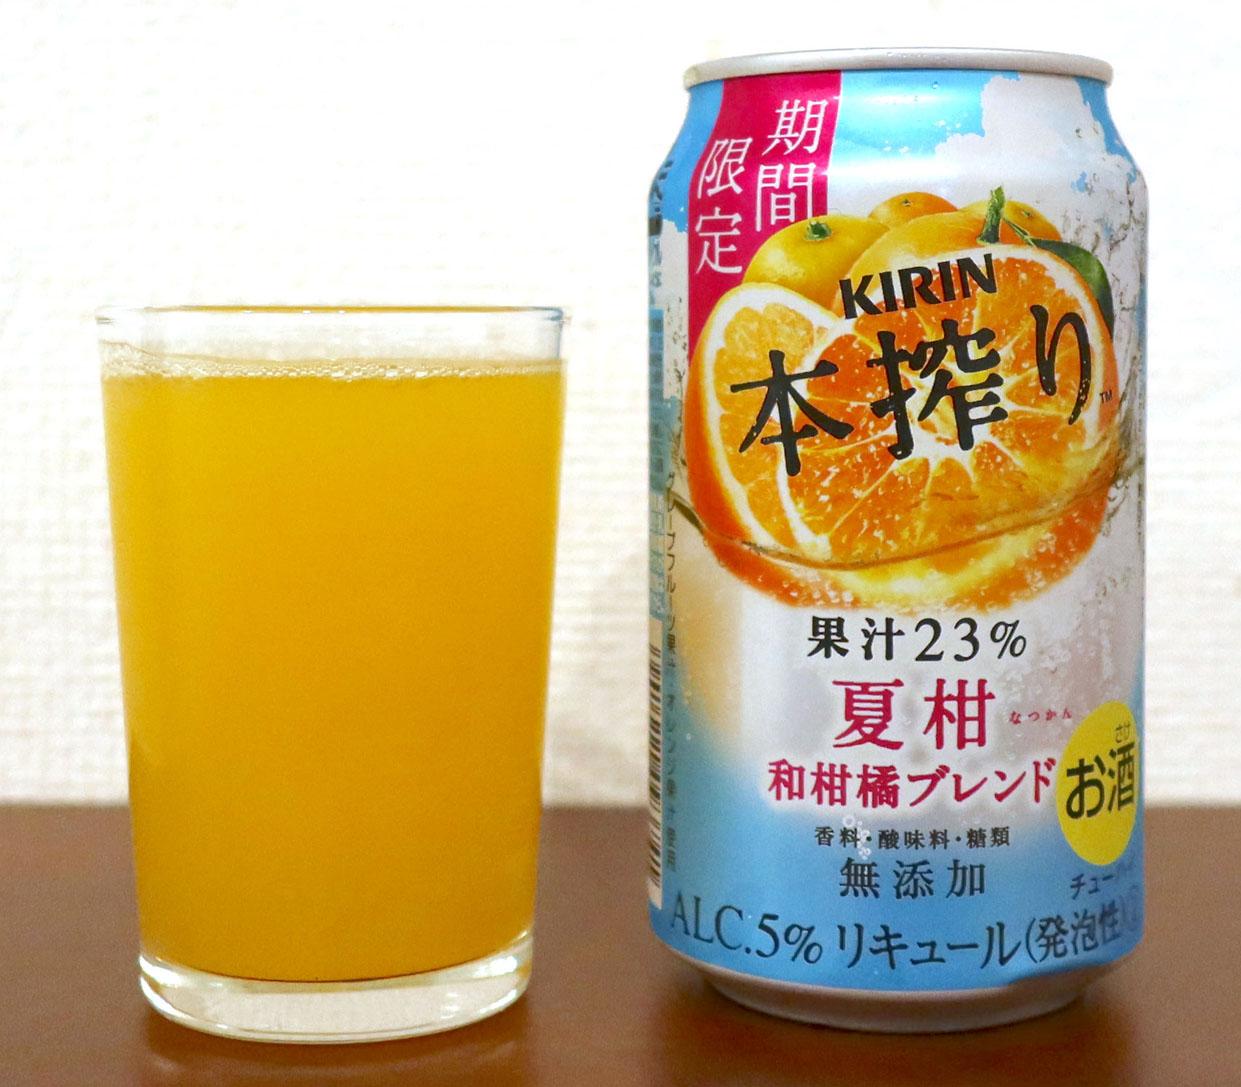 キリンビール 本搾りチューハイ 夏柑 和柑橘ブレンド